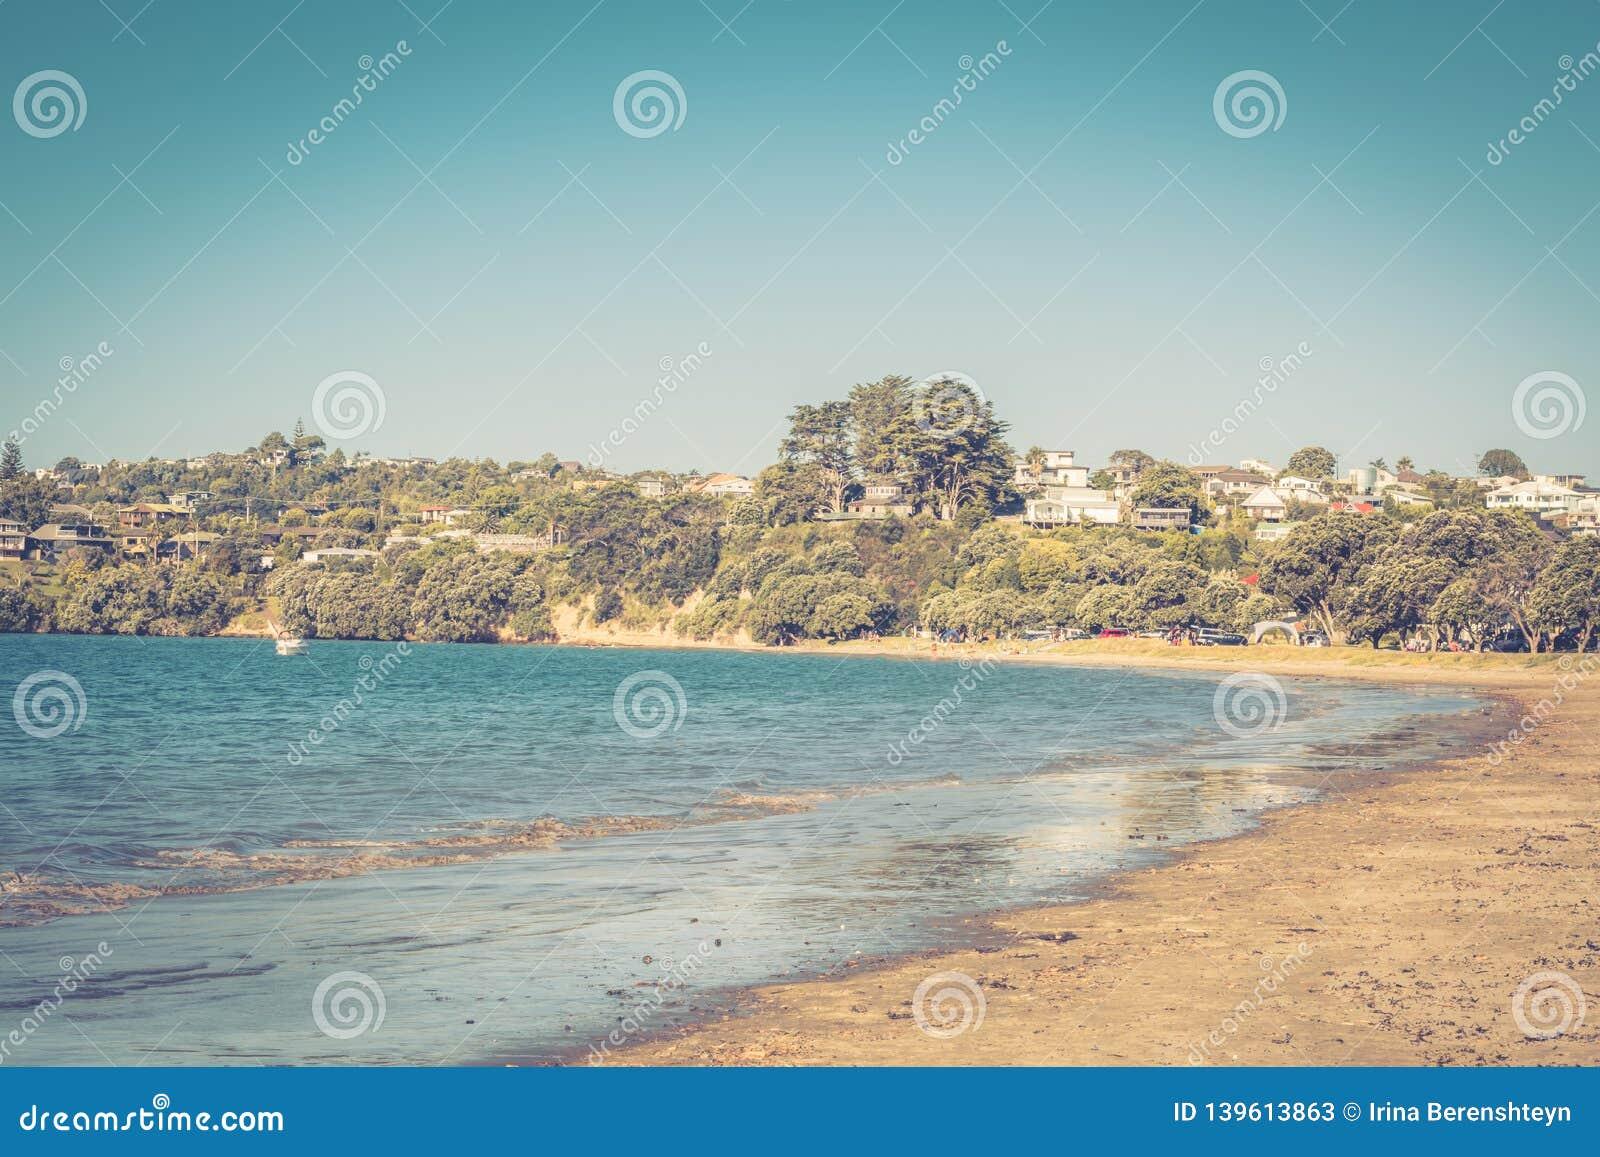 Photo de style rétro d un jour d été parfait à la plage virile